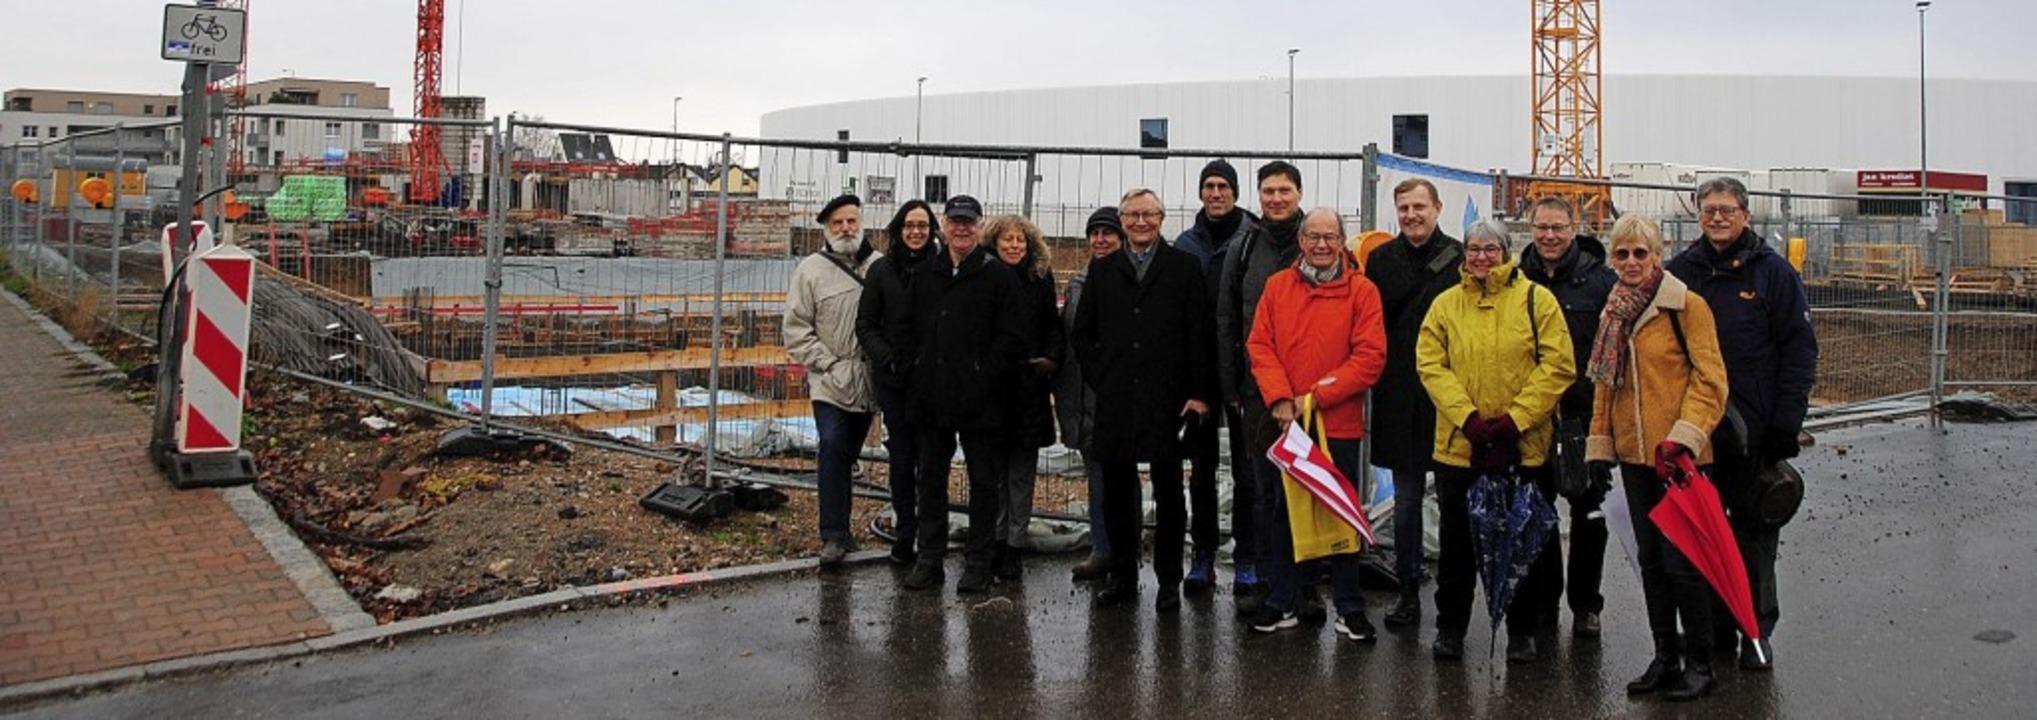 Sie trotzten dem Wetter beim Neujahrss...r Baustelle  der Städtischen Wohnbau.   | Foto: Sedlak